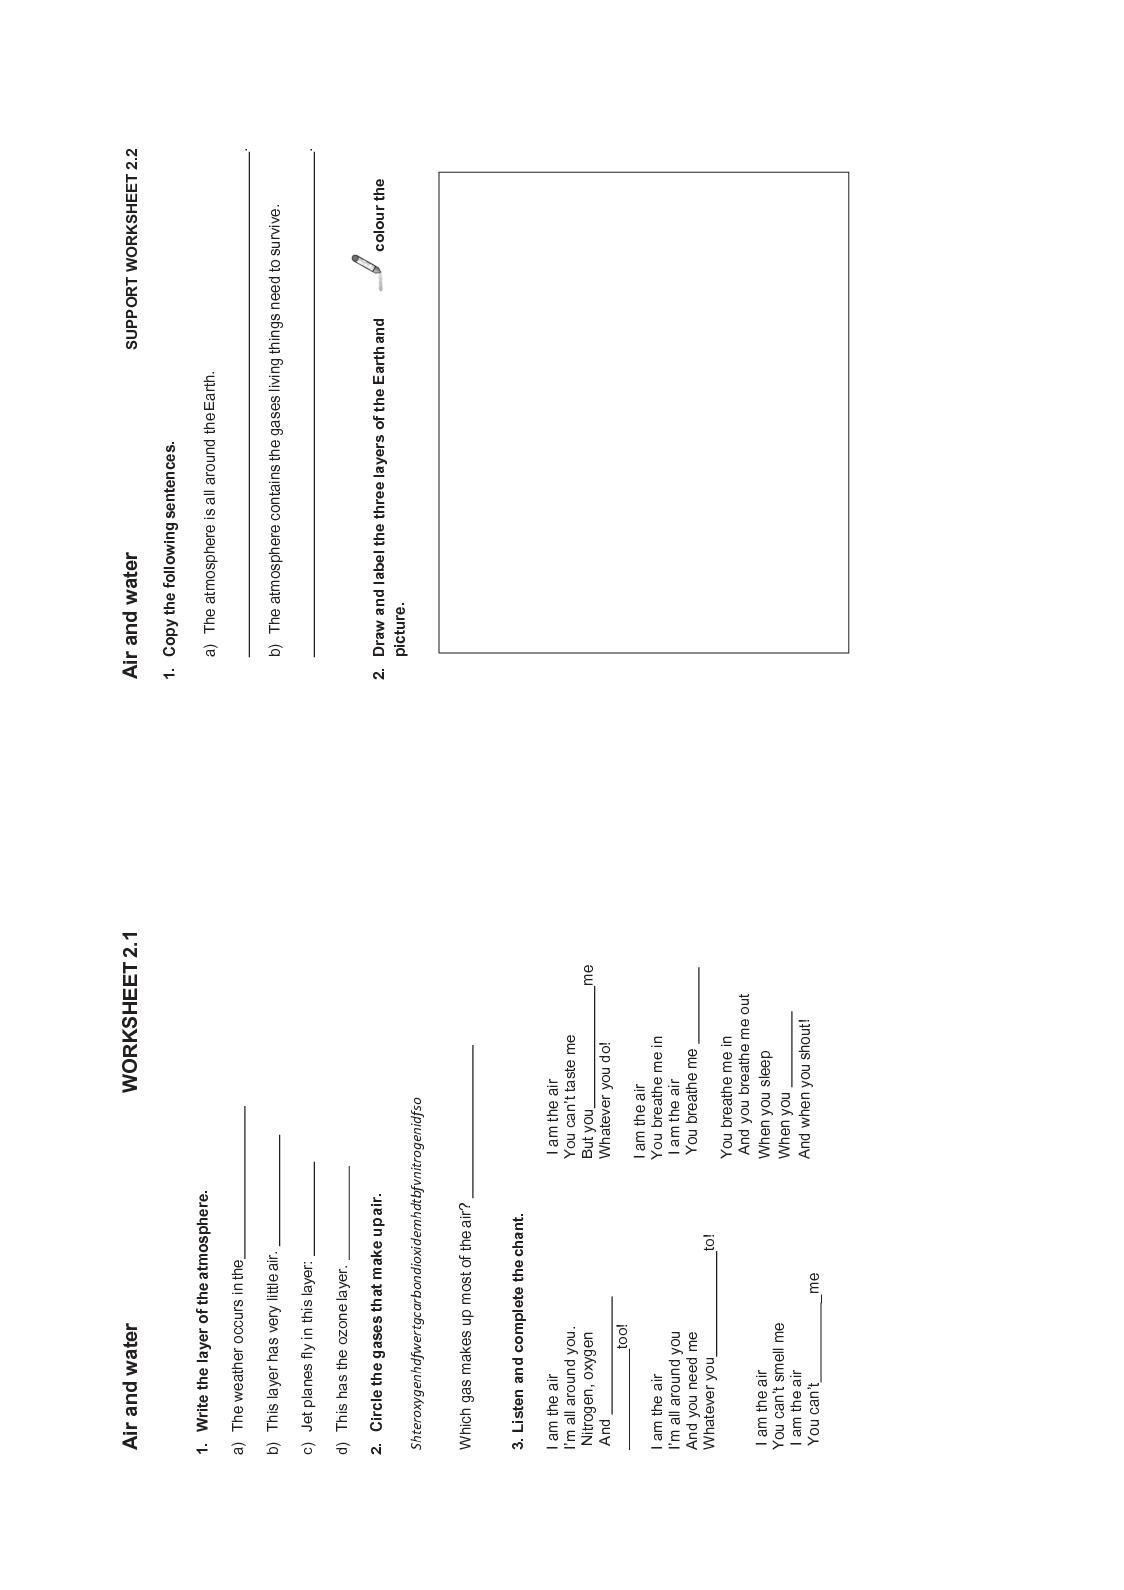 worksheet Atmosphere Layers Worksheet worksheets ud 2 ss 3ao